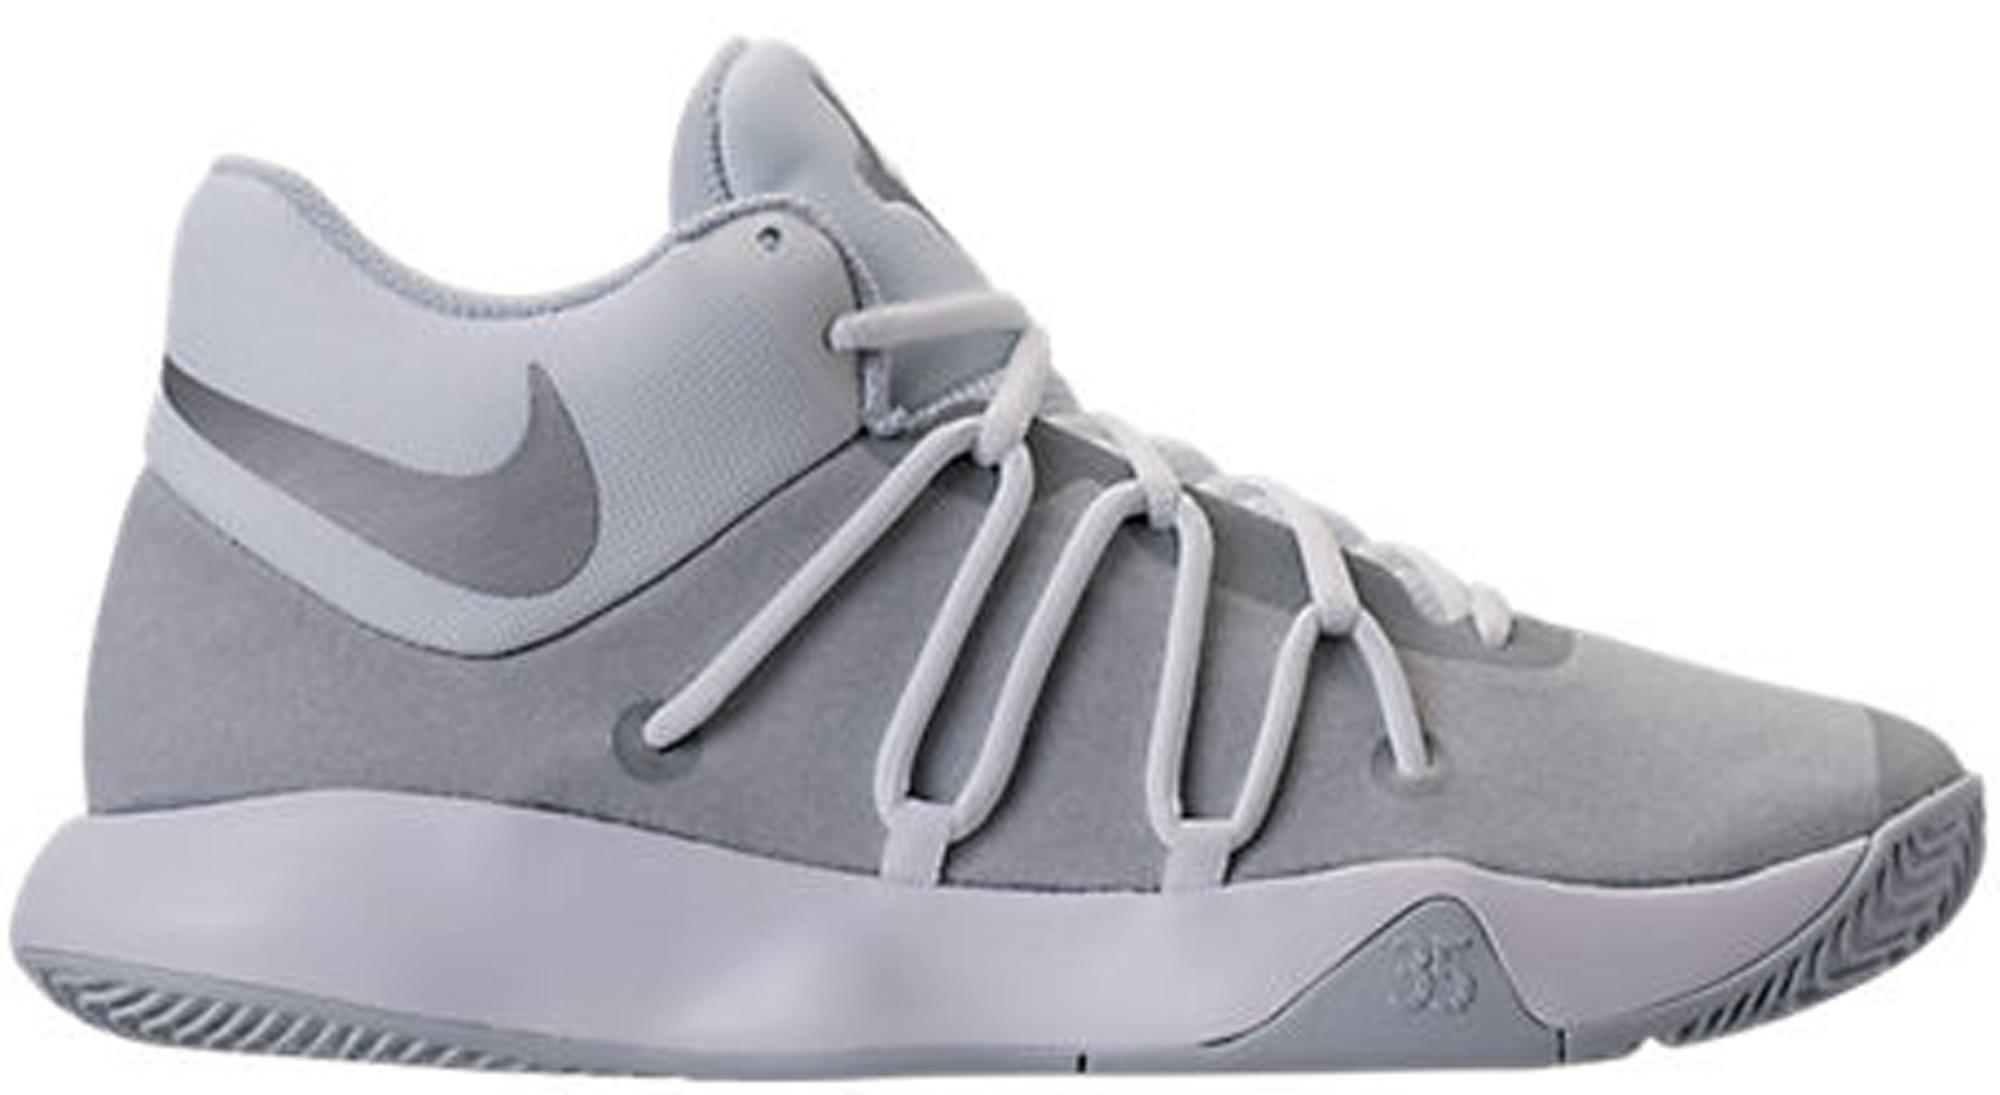 Nike Kd Trey 5 V White Pure Platinum In White/Chrome-Pure Platinum